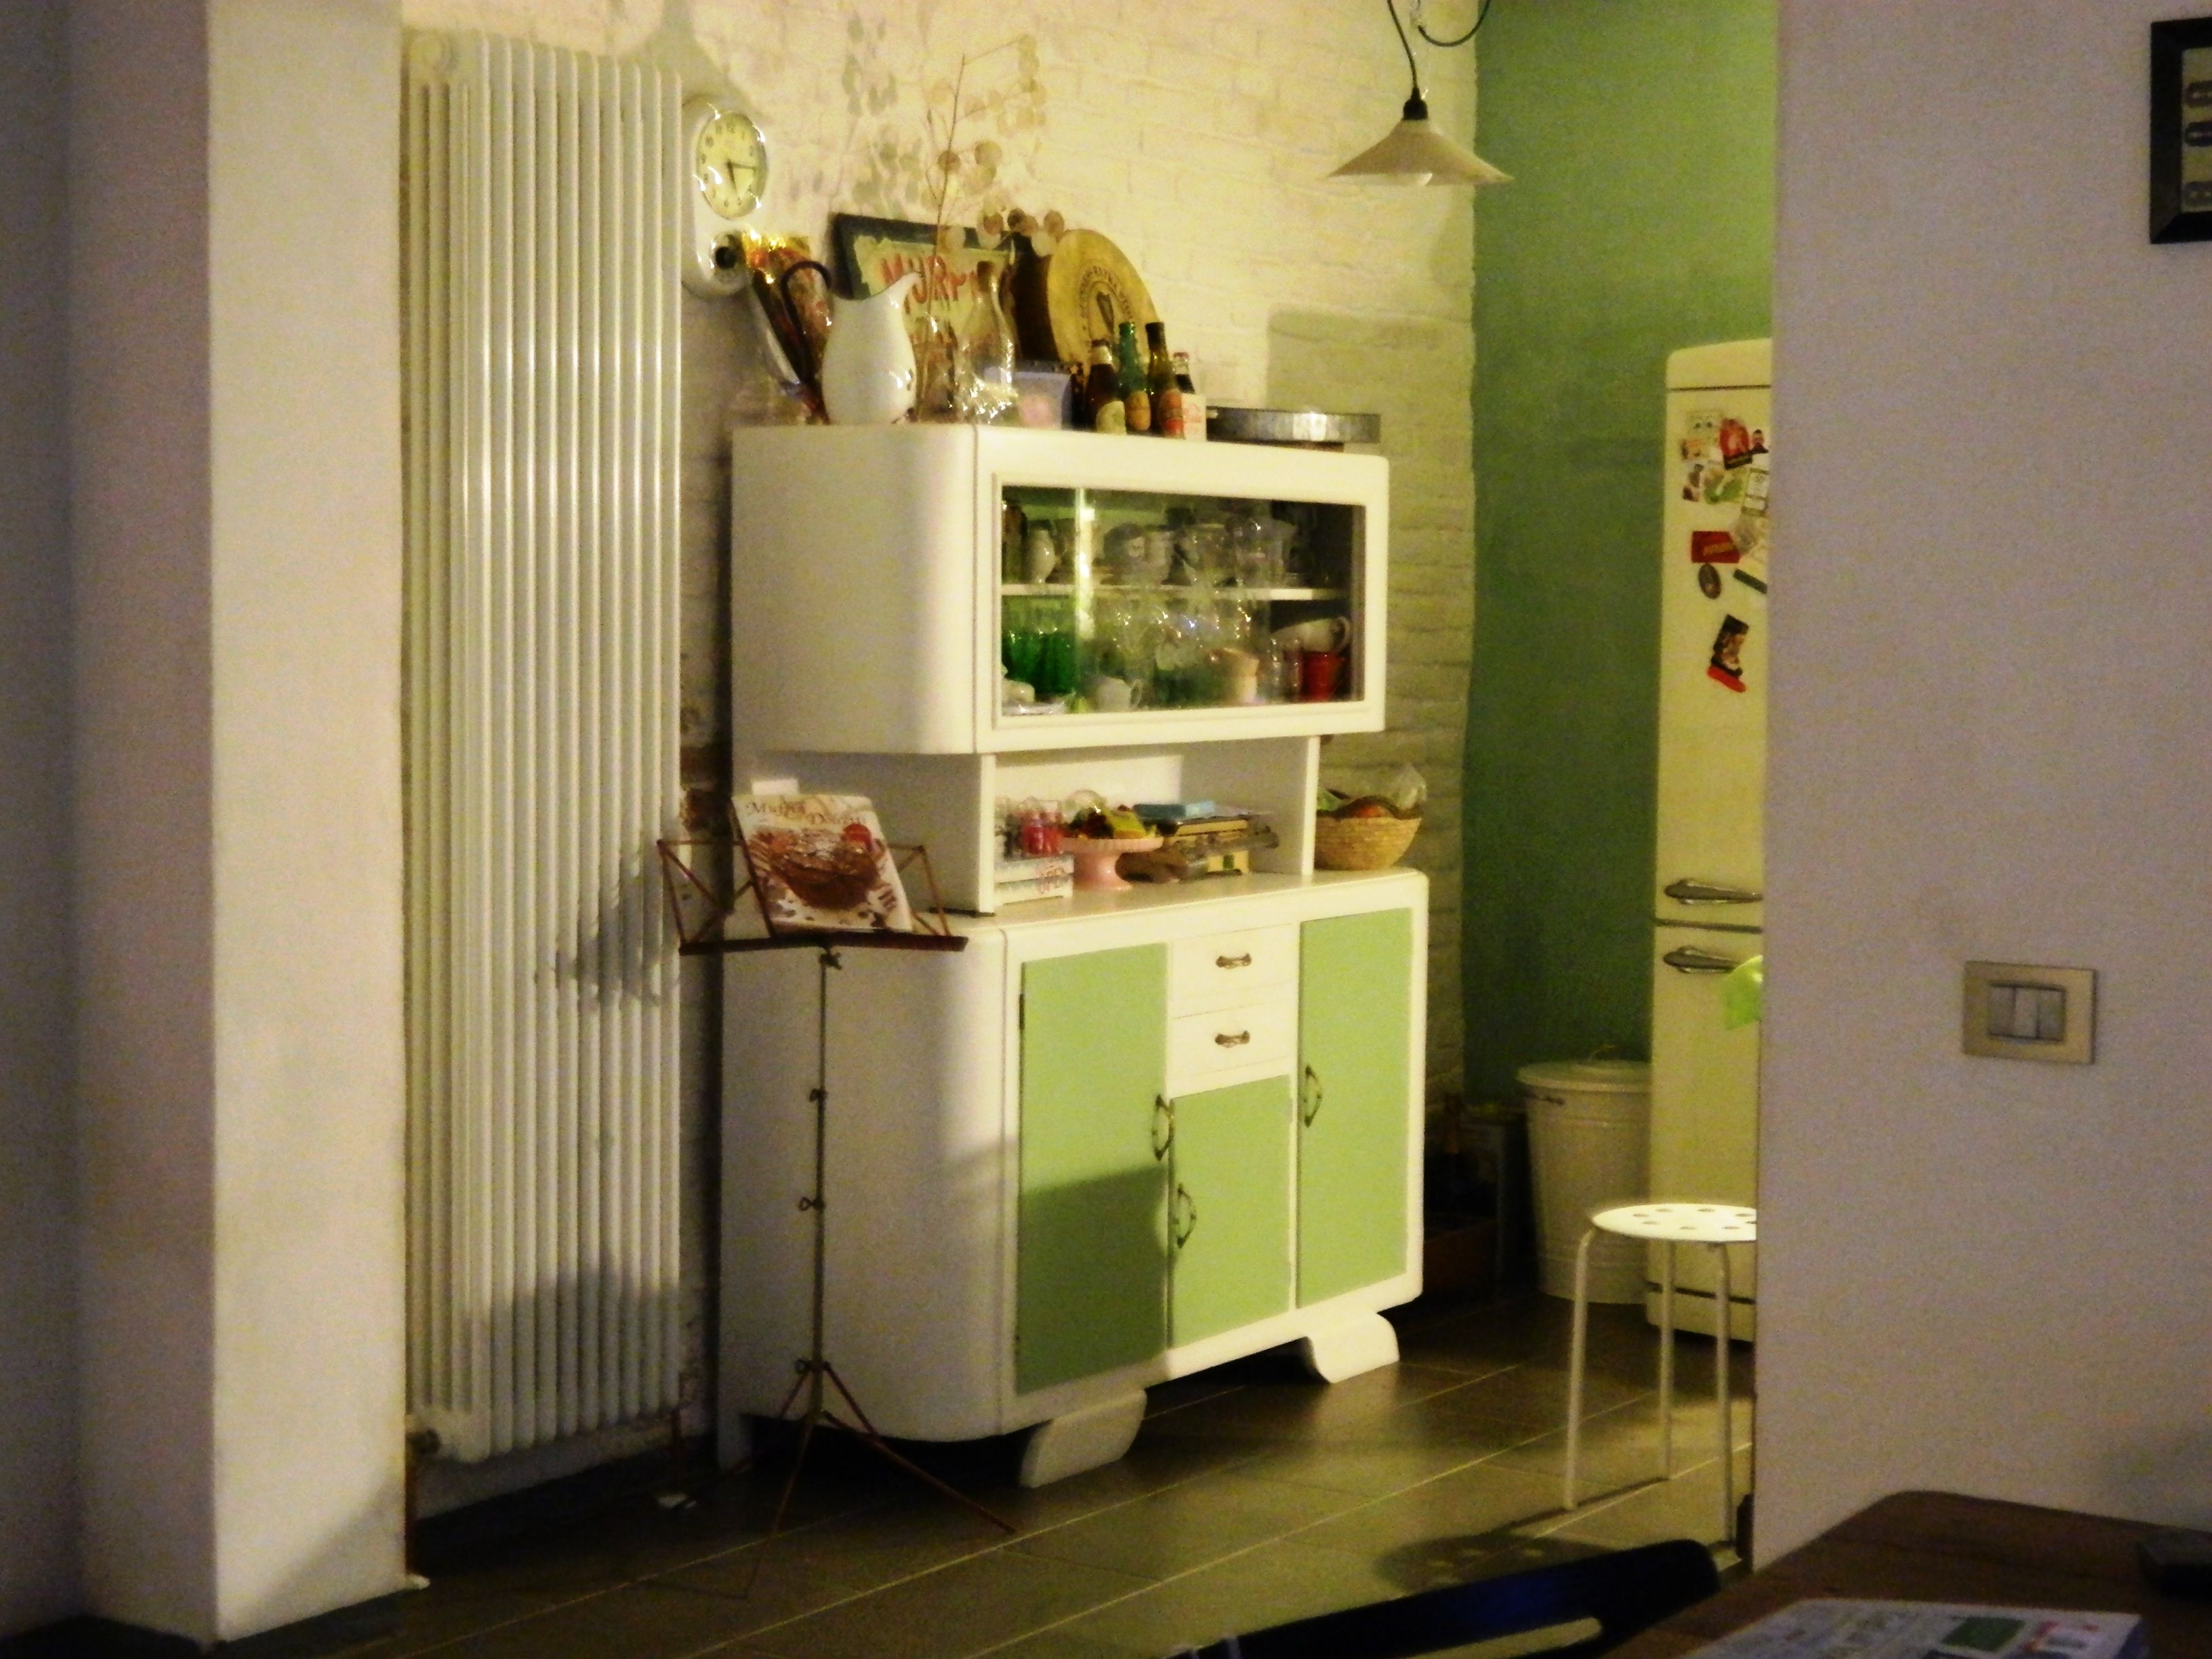 La credenza anni 50 della mia cucina; recuperata e decorata da me ...